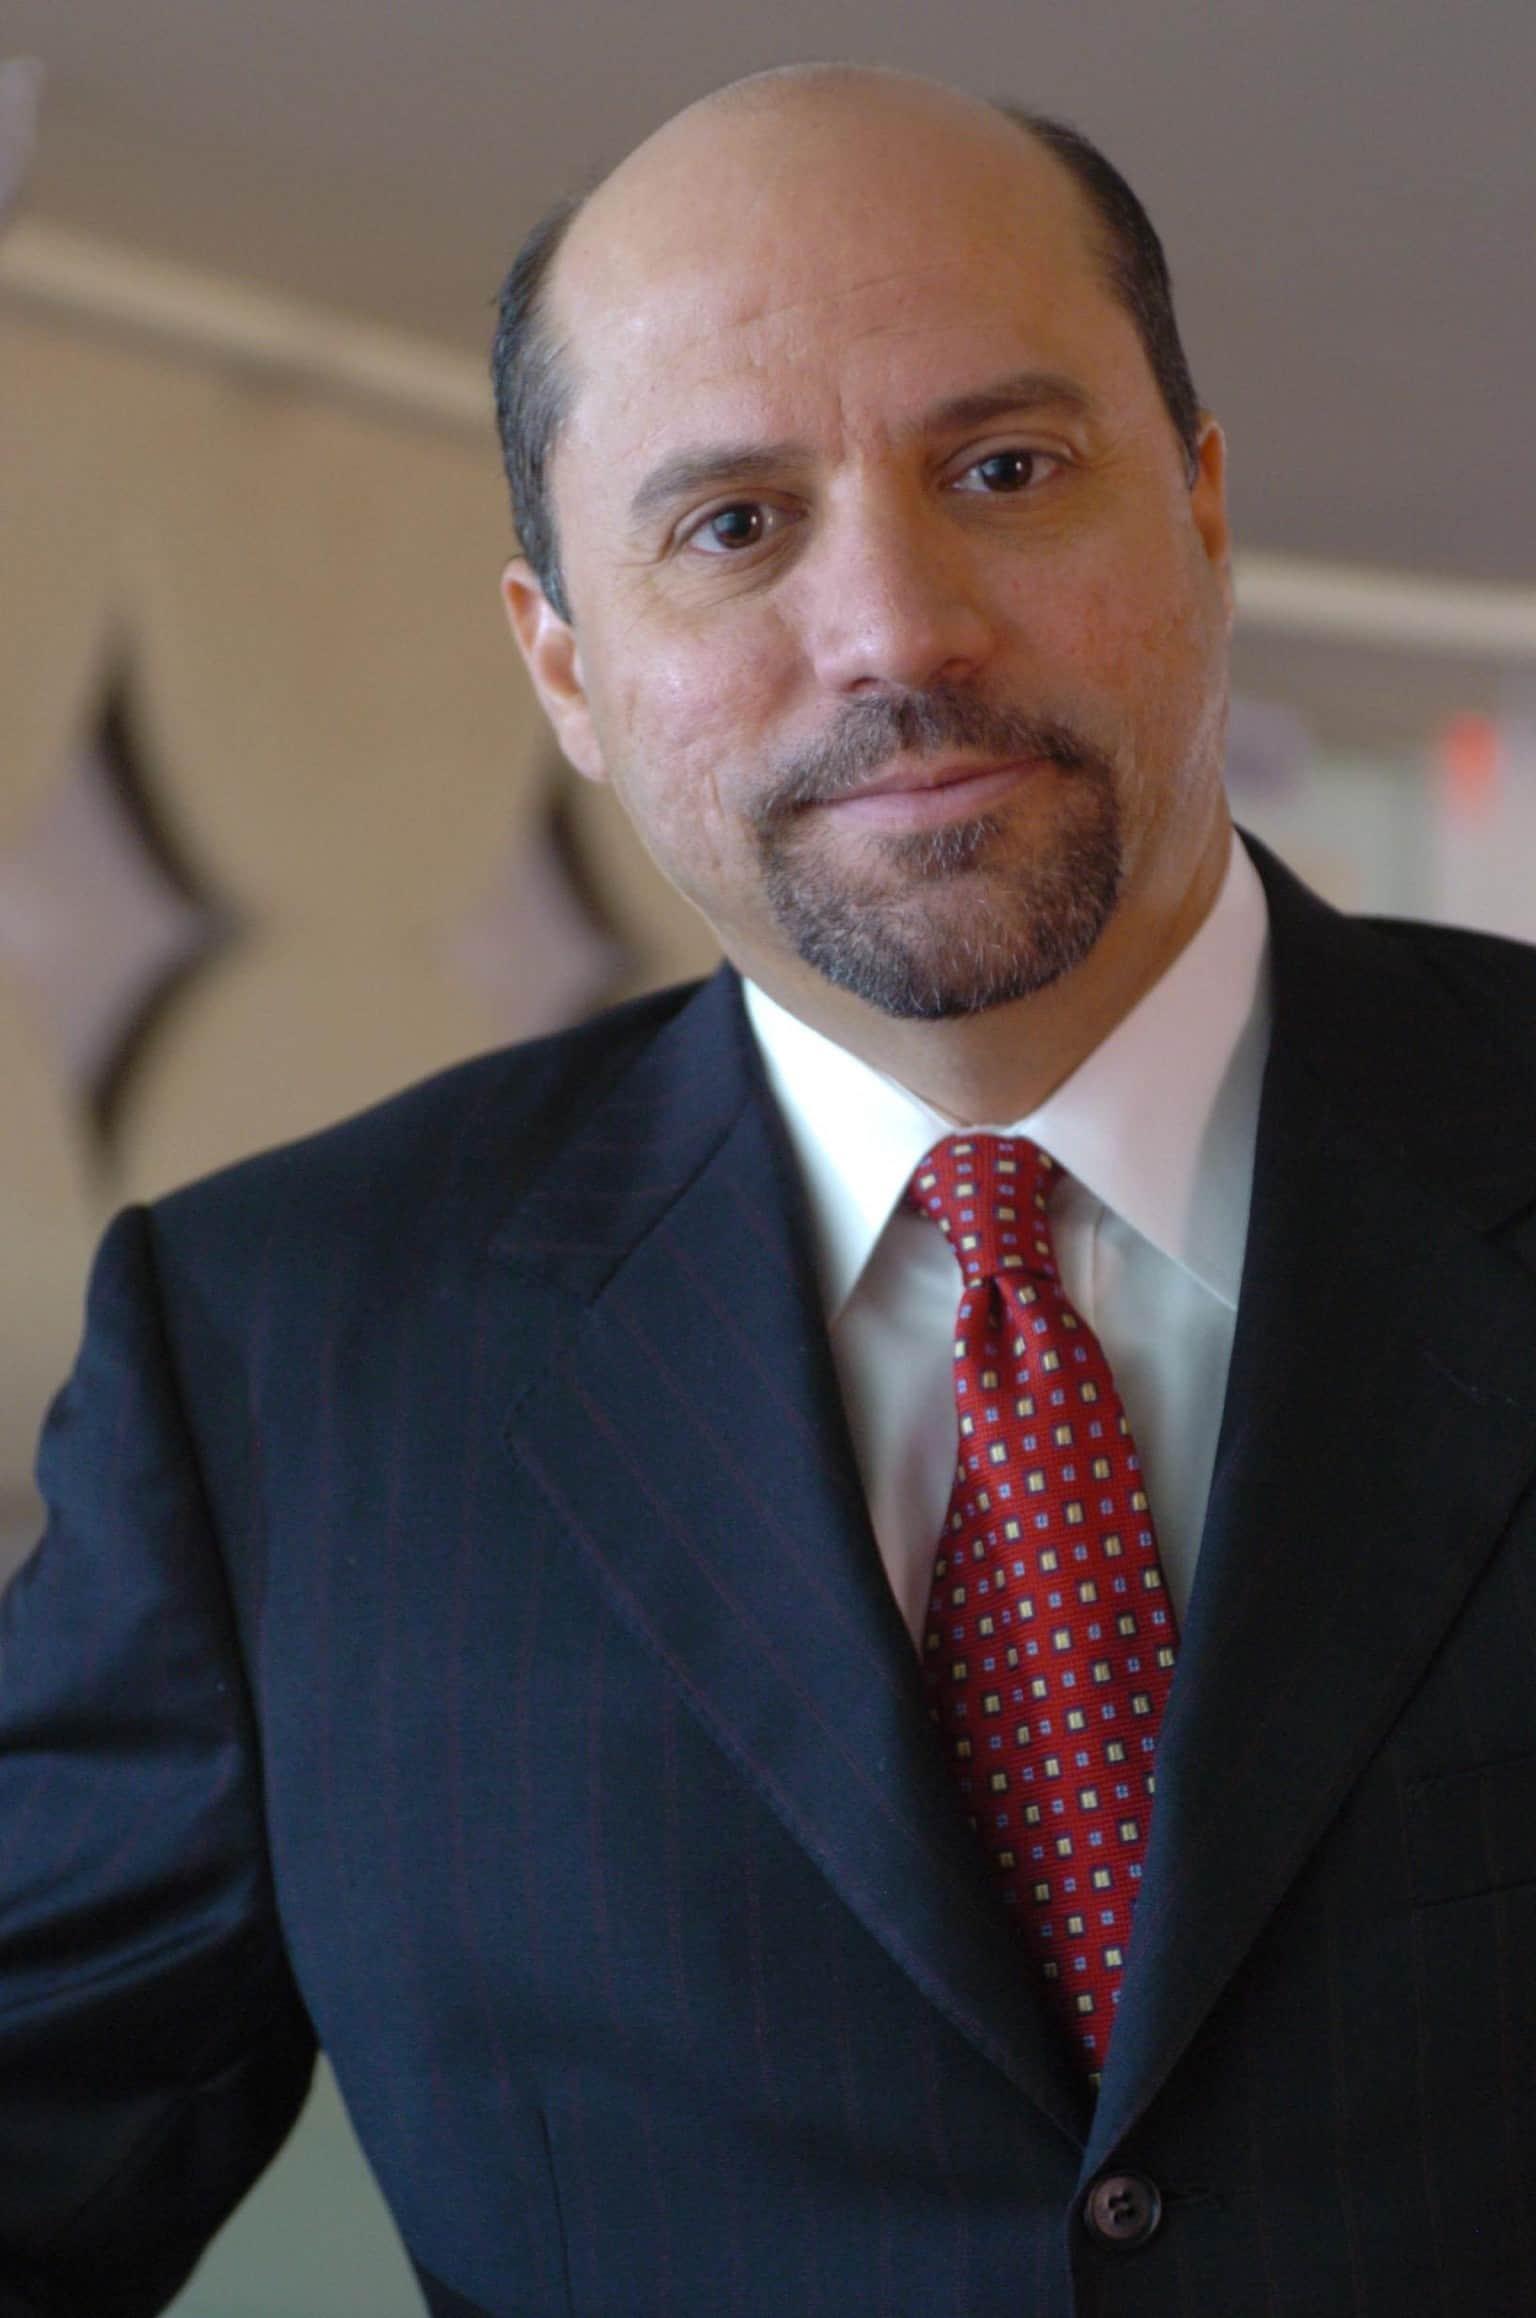 Tony Mojena